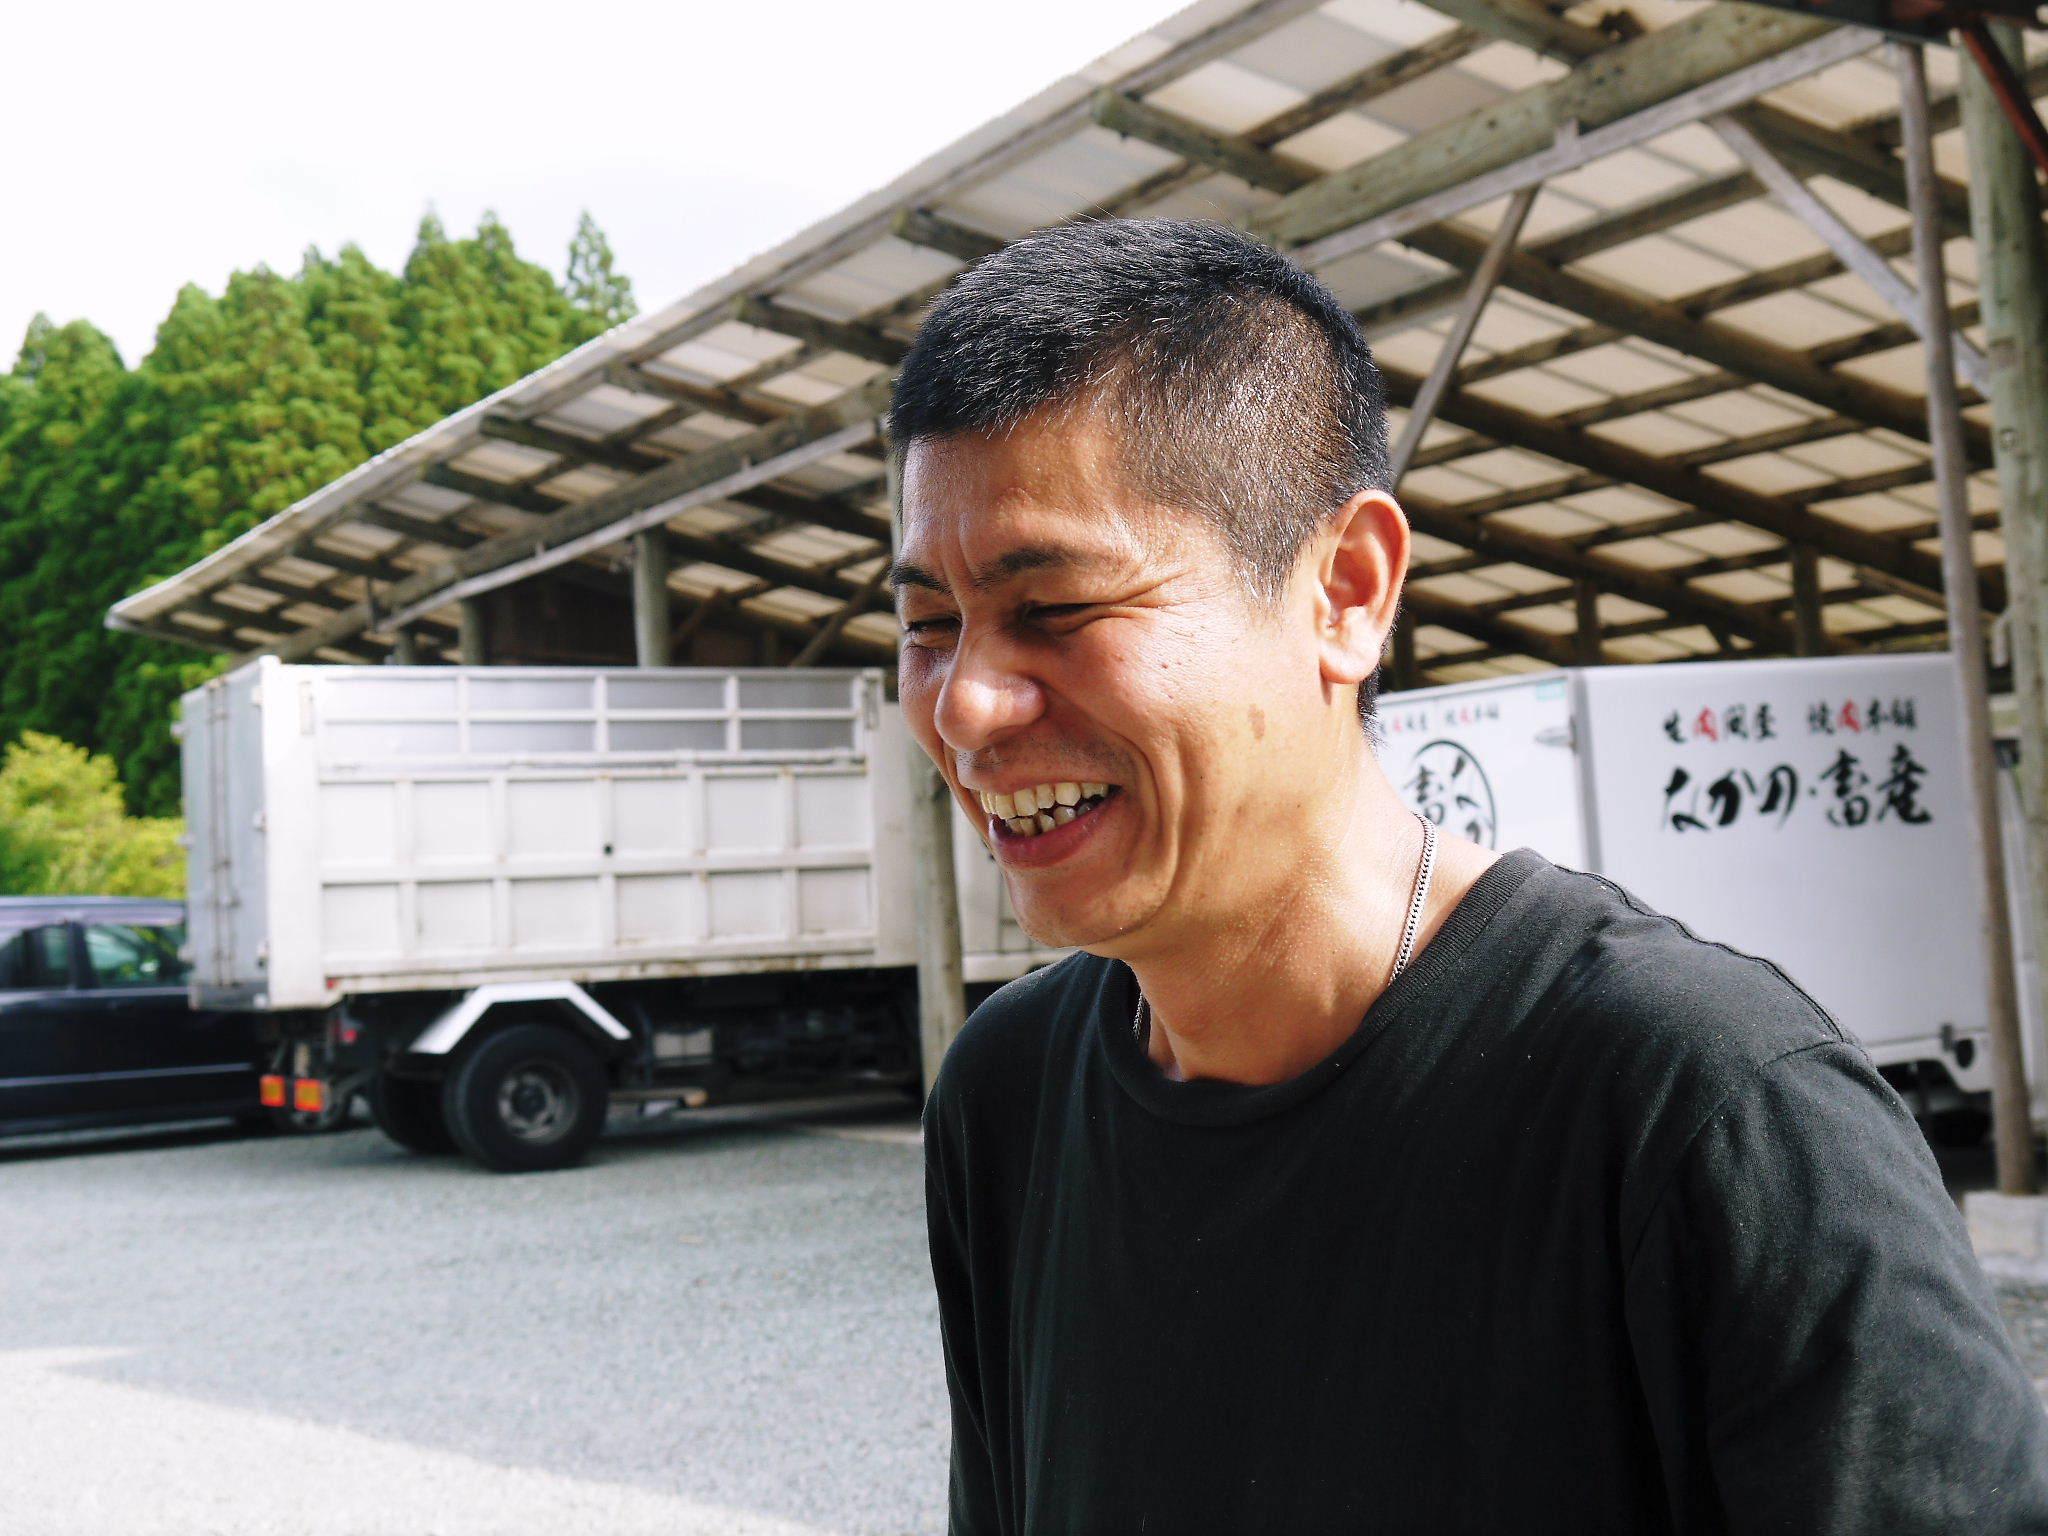 熊本県産黒毛和牛100%のハンバーグステーキをまもなく販売スタート!牧草も自ら育てるこだわり!_a0254656_20181581.jpg